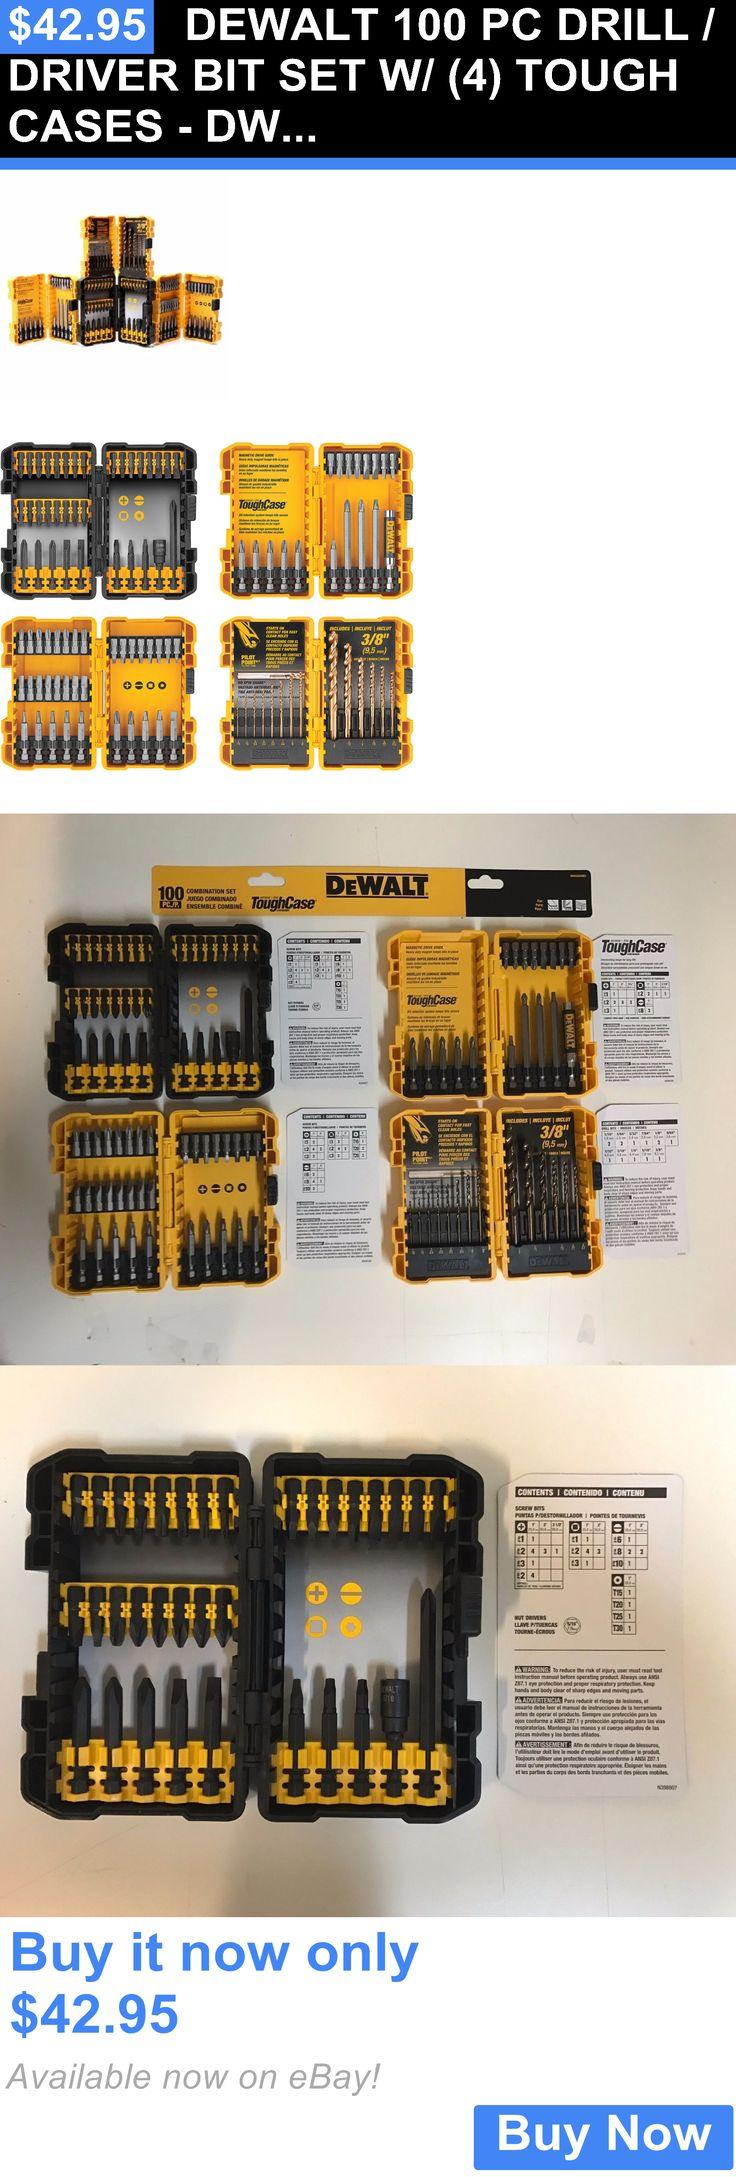 tools: Dewalt 100 Pc Drill / Driver Bit Set W/ (4) Tough Cases - Dwa24case2 BUY IT NOW ONLY: $42.95